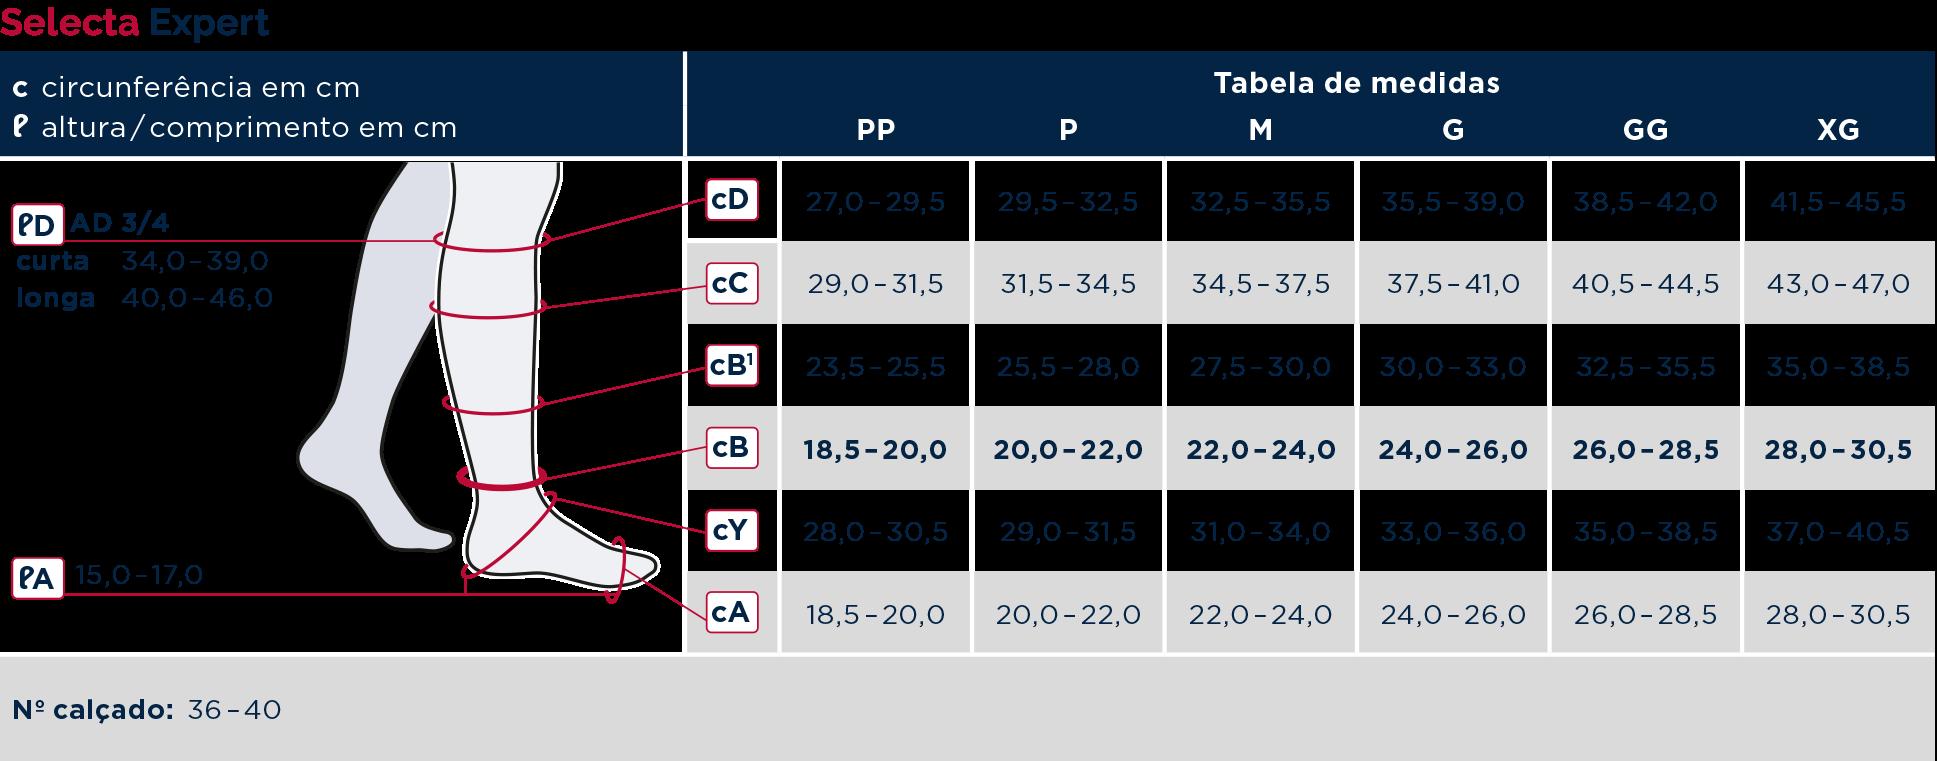 Expert tabela